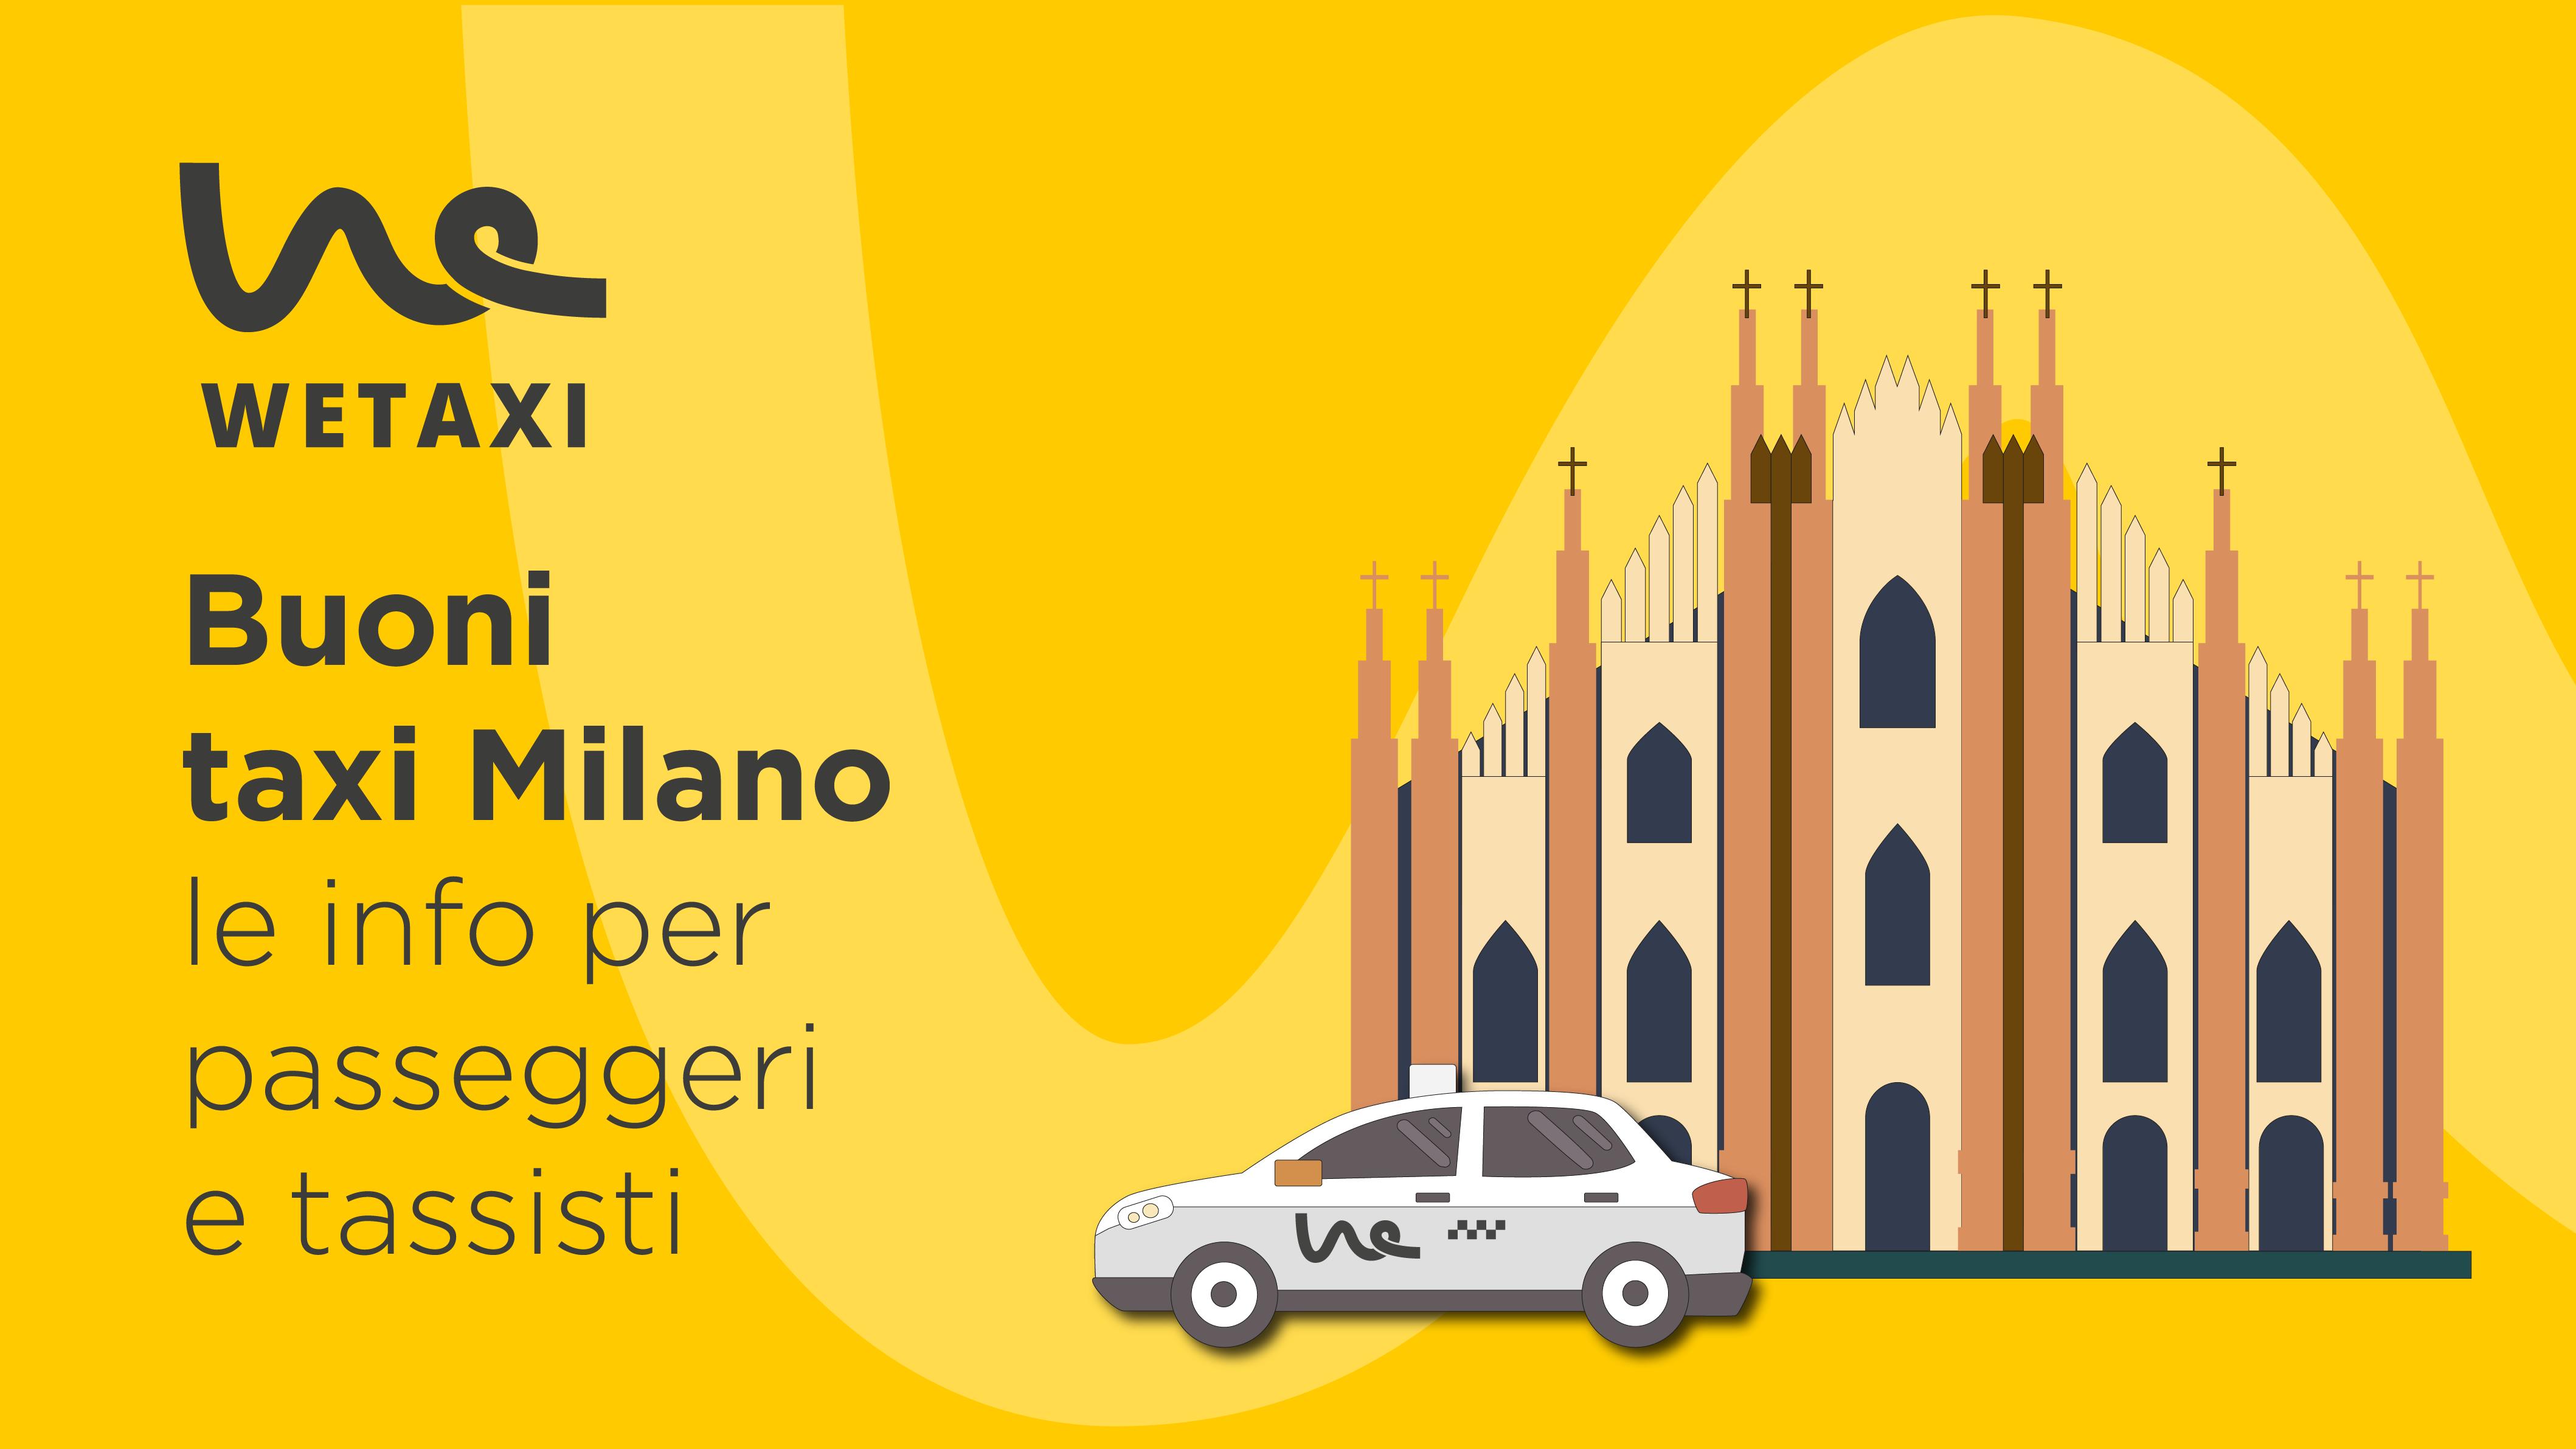 Buoni taxi Comune di Milano